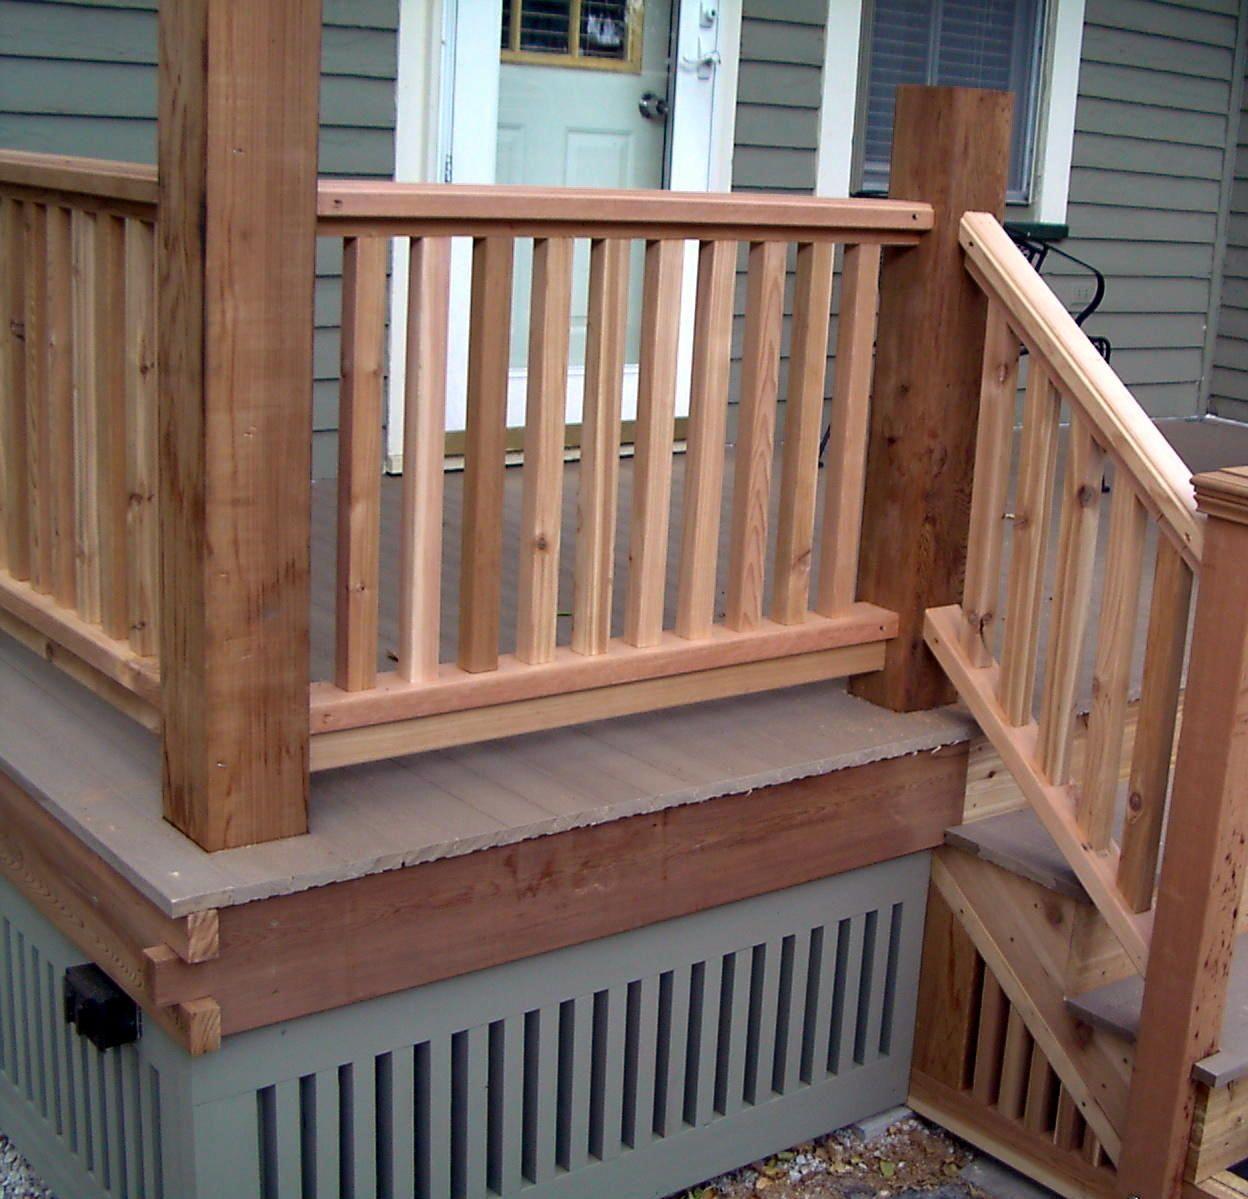 porch railing ideas | Monterey Railing Design | Patio ...